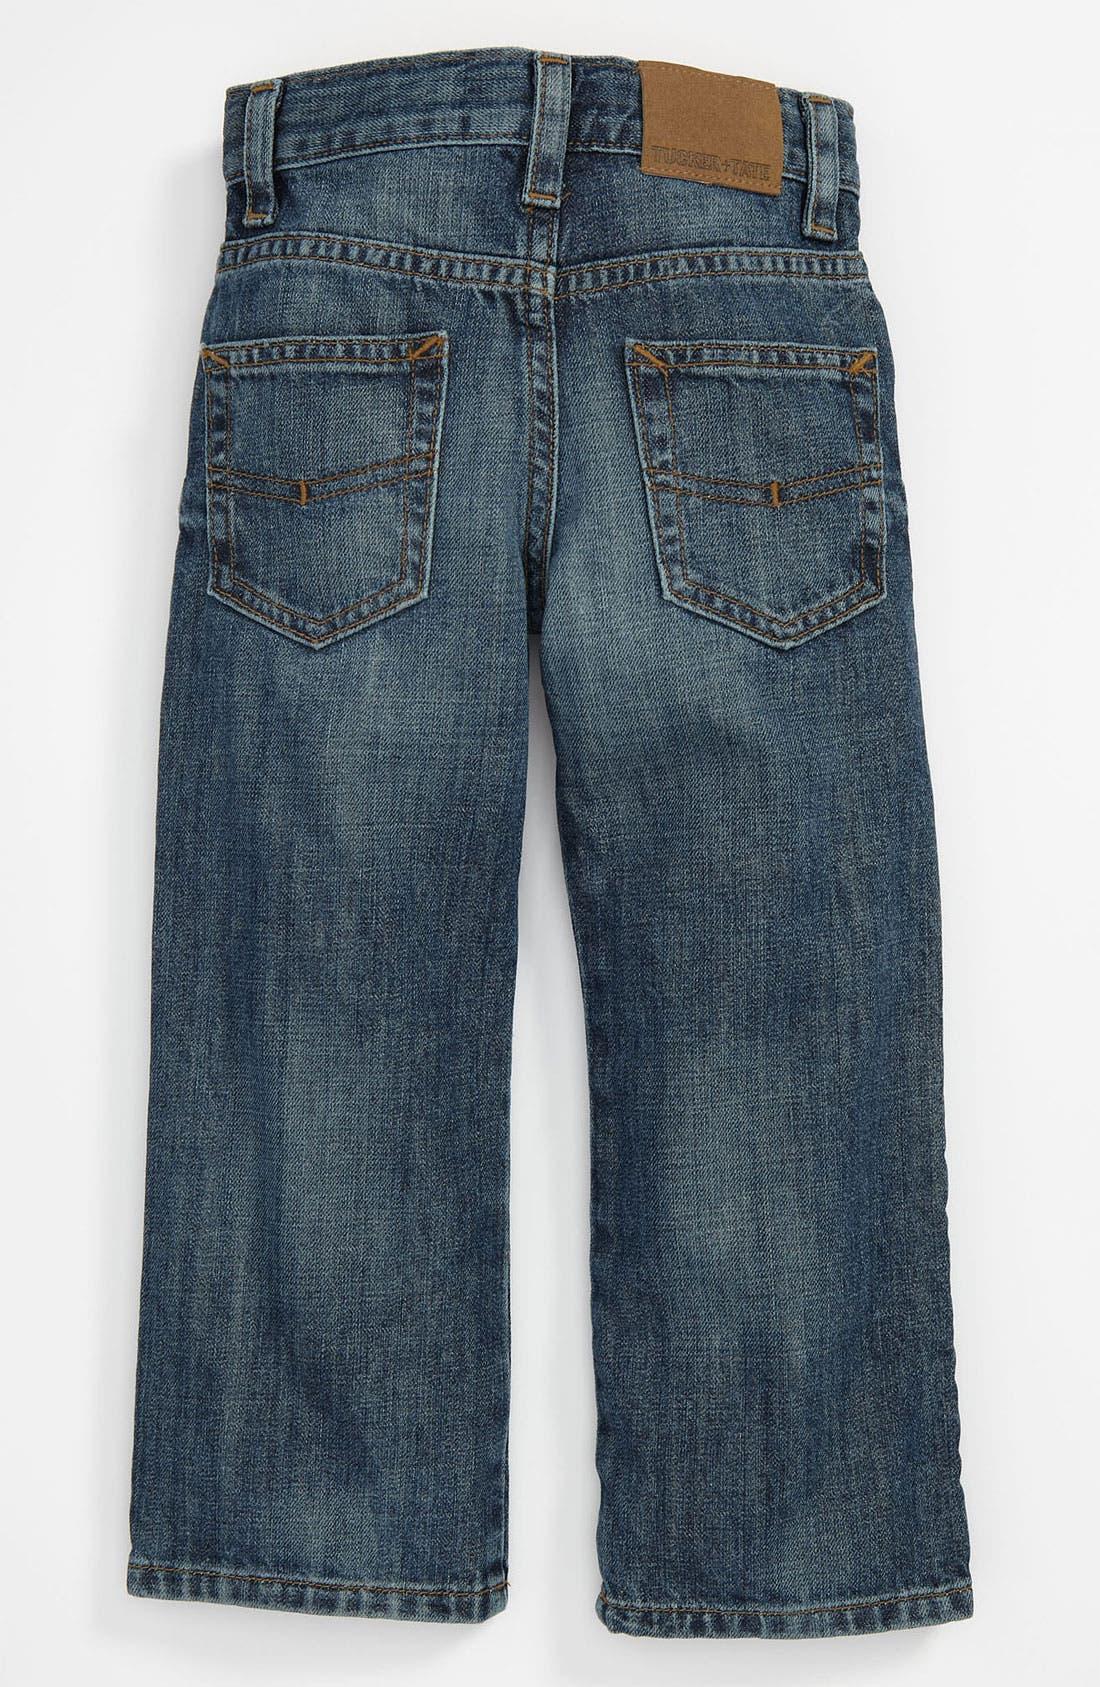 Alternate Image 1 Selected - Tucker + Tate 'Tucker' Jeans (Toddler)